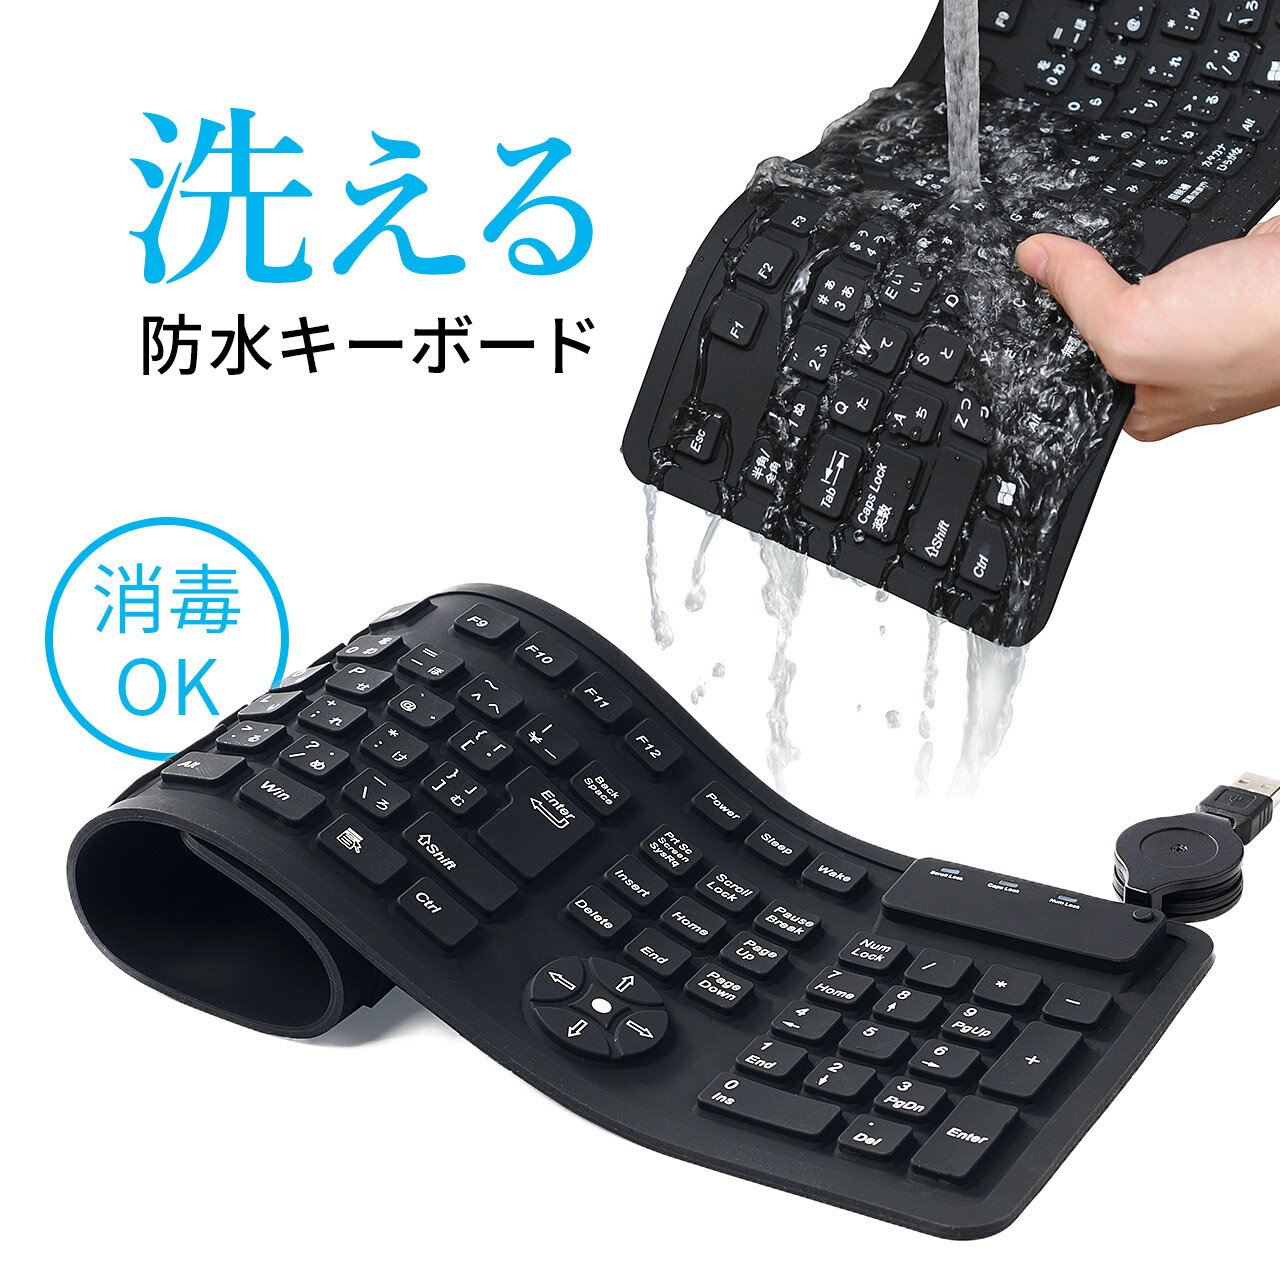 【テレビで紹介されました】巻けるシリコンキーボード 防水&水洗いOK! 丸めて収納可能できるシリコン製 USB接続 [400-SKB013]【サンワダイレクト限定品】